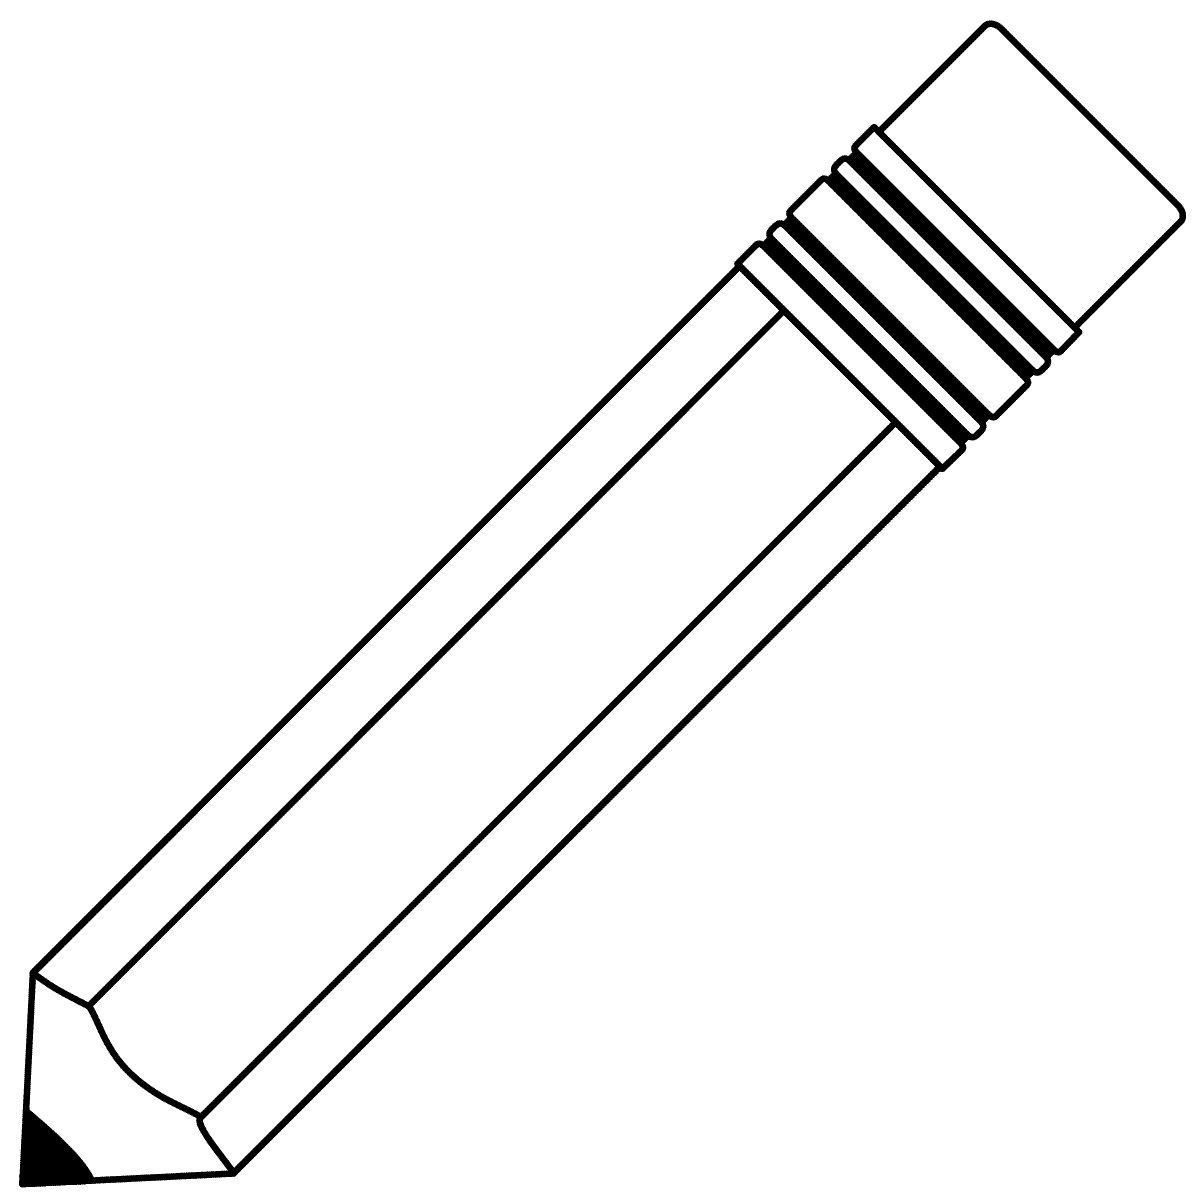 Pencil for door decs Pencil clipart, Coloring pages